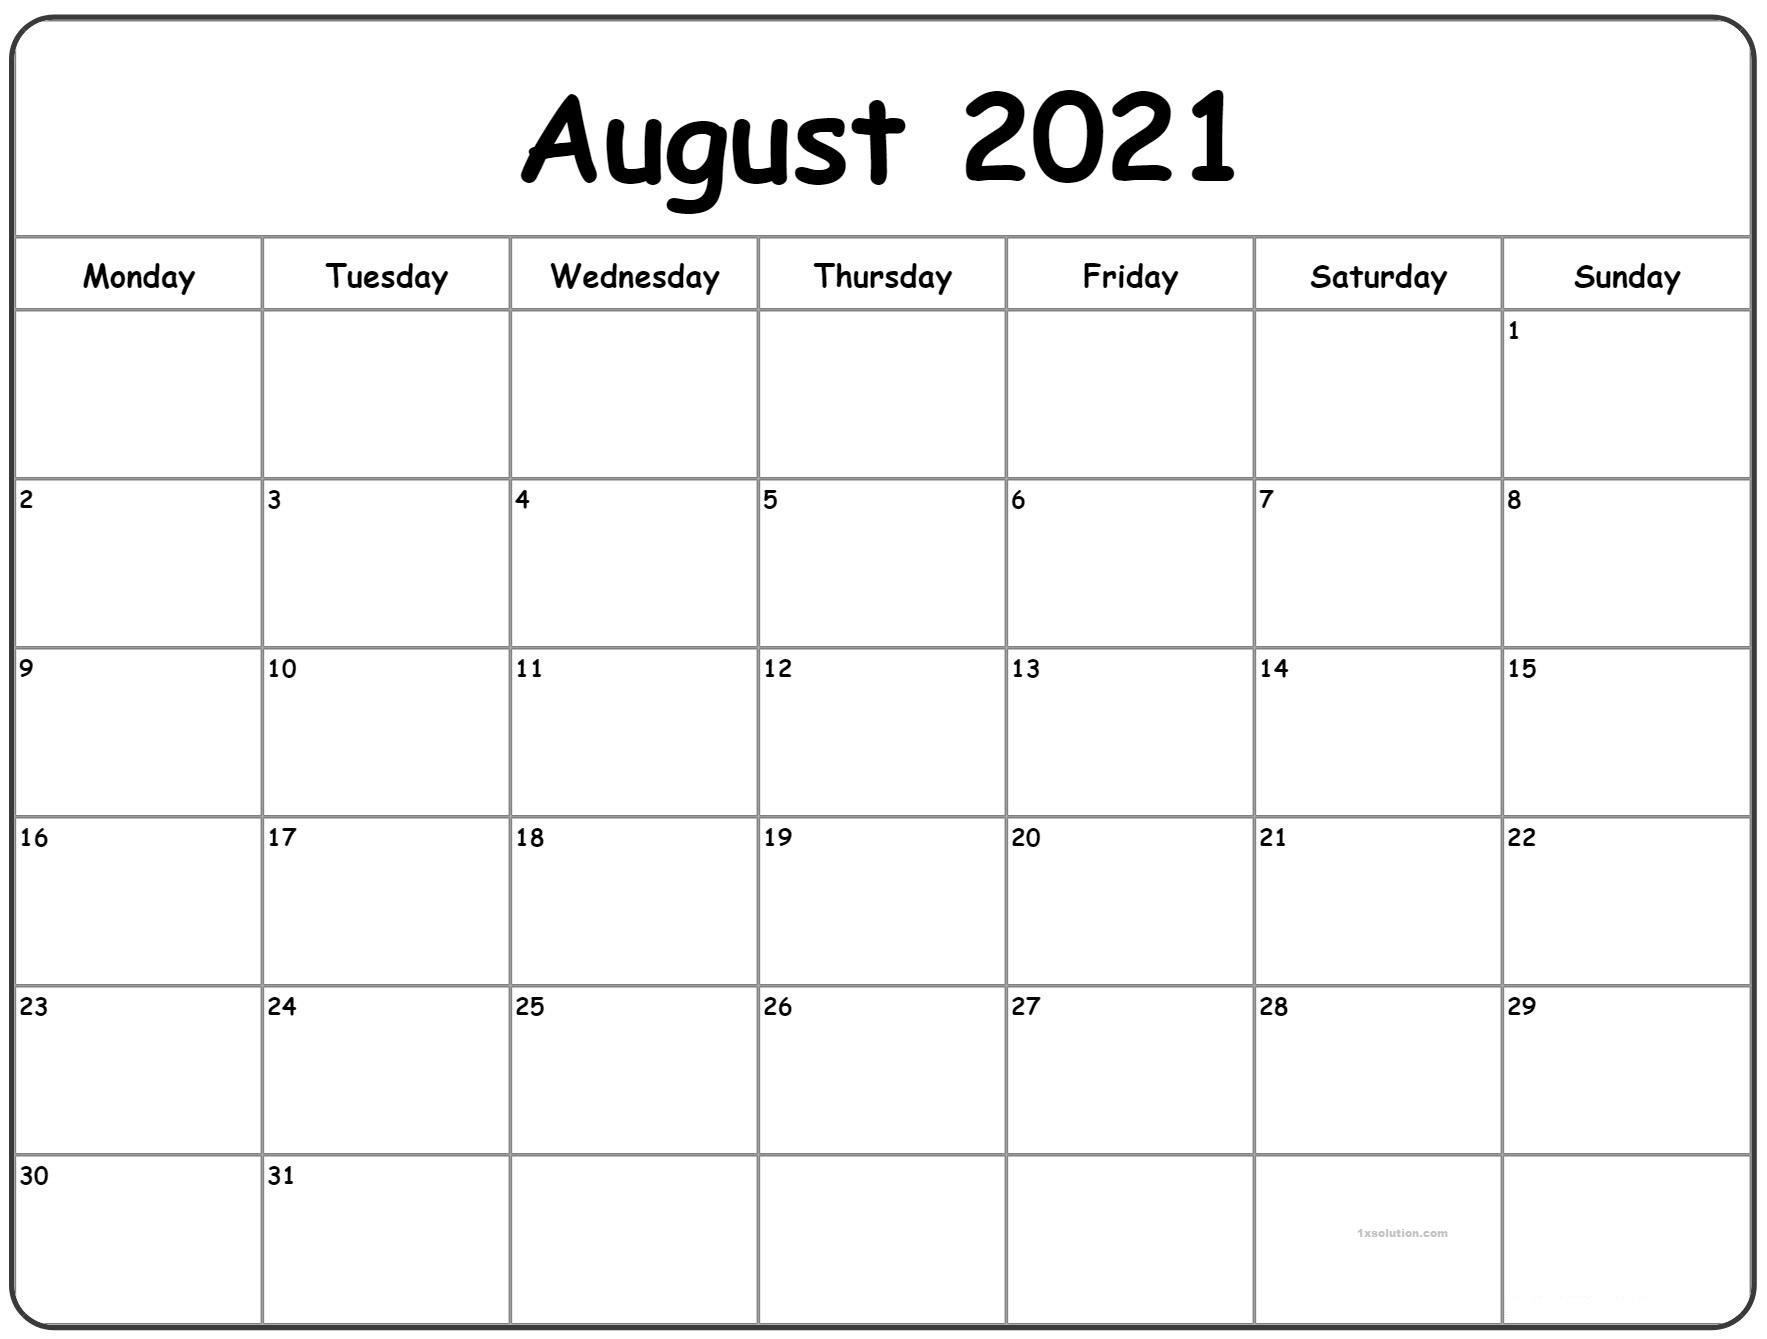 August 2021 Calendar Printable Schedule ExcelSheet | Calendar